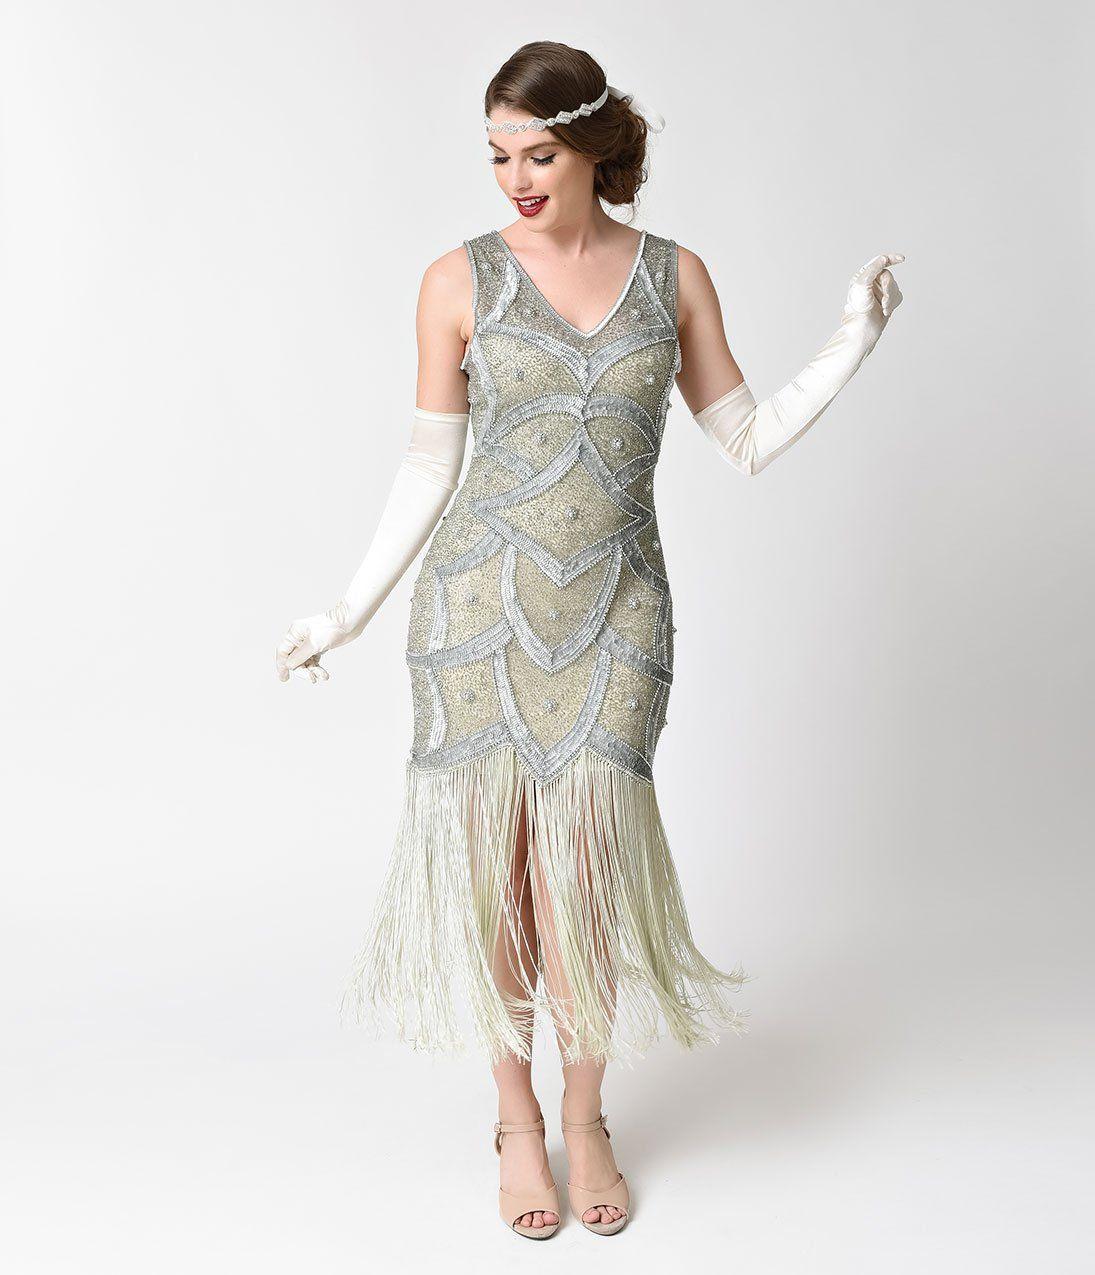 317d769328182 1920s Flapper Costume   How to Guide Unique Vintage Silver Seafoam Beaded  Mesh Isadora Fringe Flapper Dress  139.00 AT vintagedancer.com